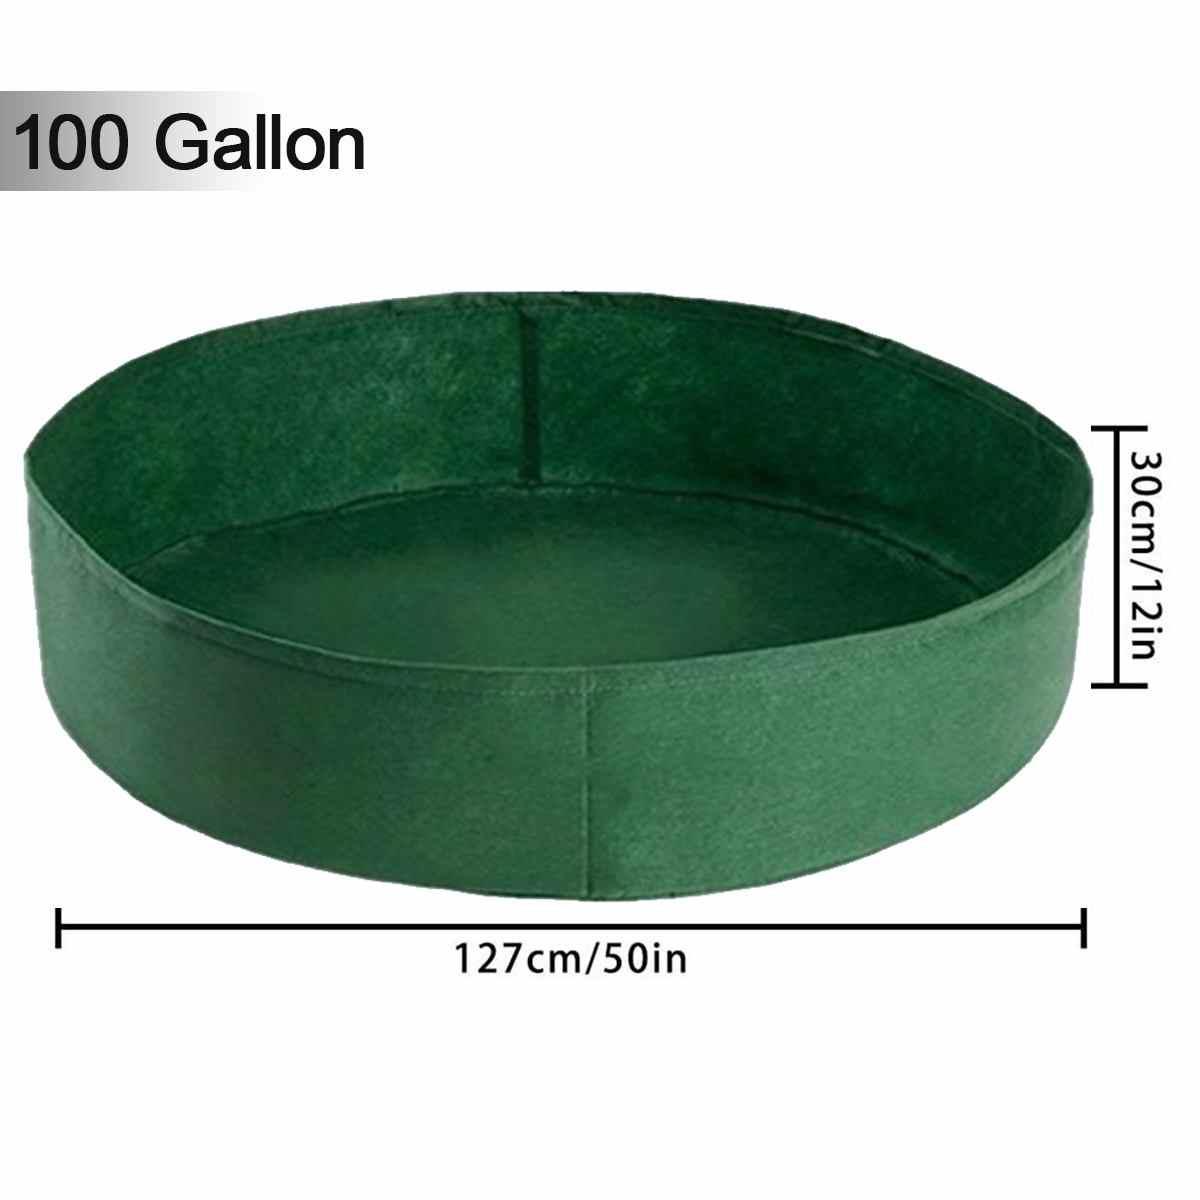 生地隆起ガーデンベッド 50 ガロンラウンド植栽コンテナを成長通気性フェルト生地プランターポットため植物保育園ポット